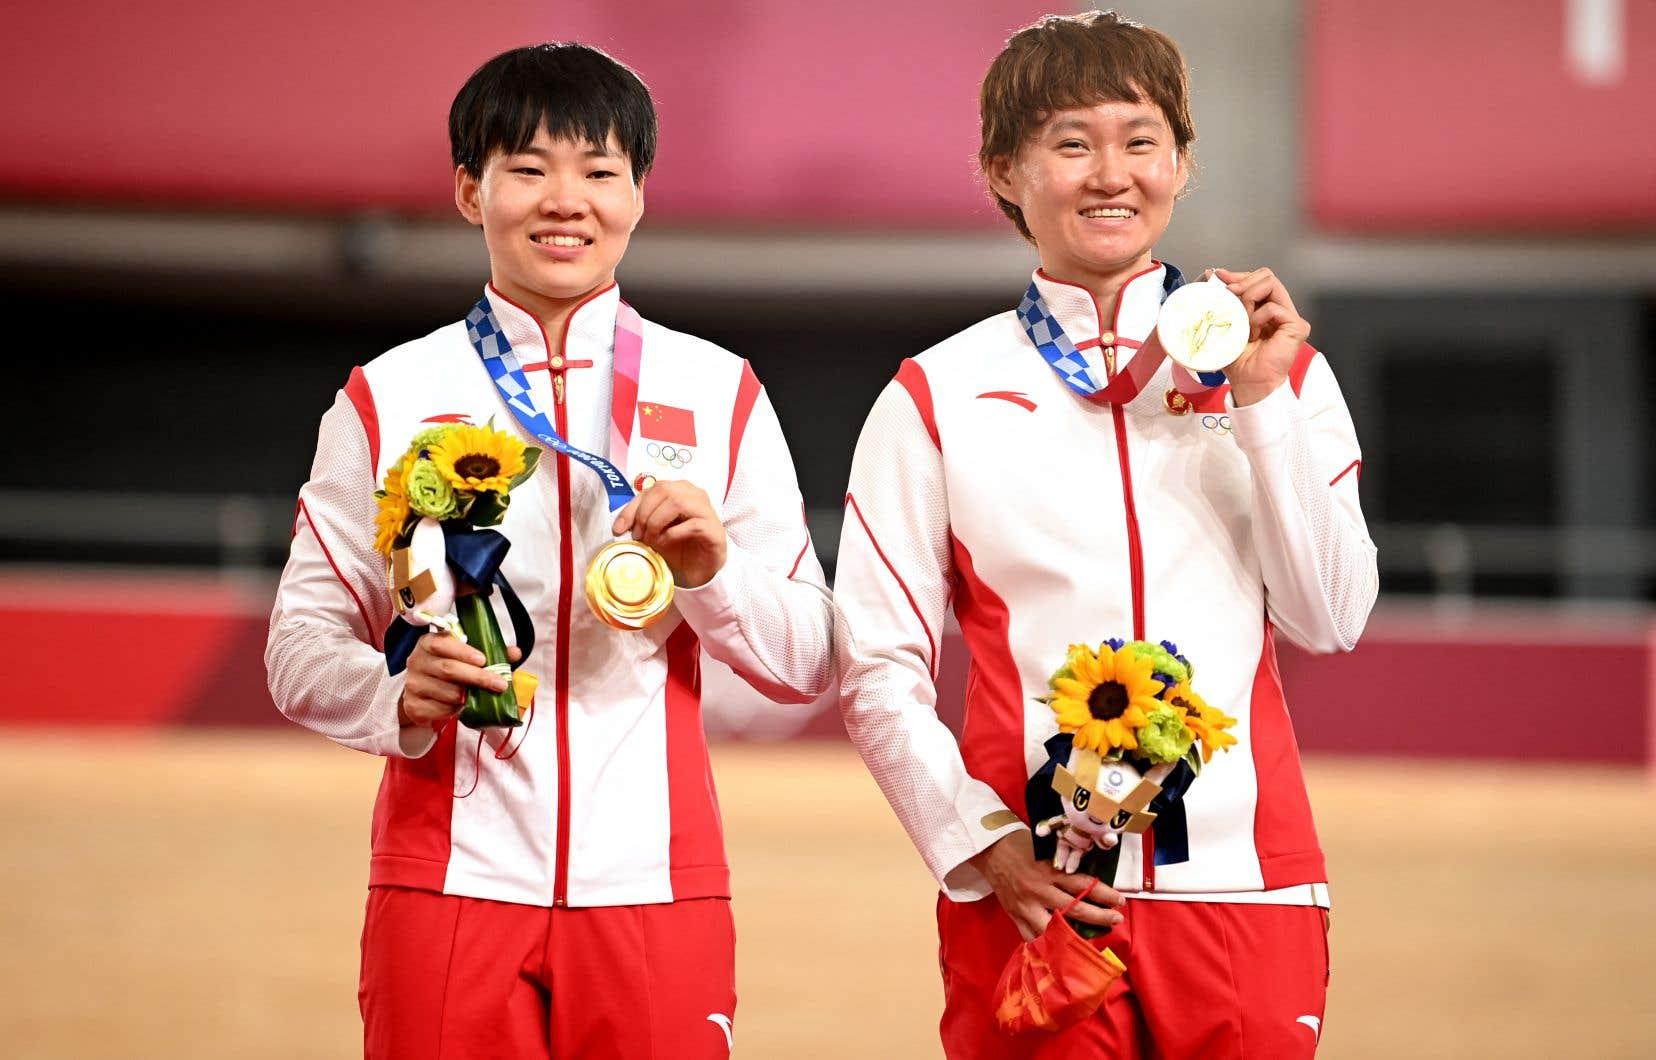 Après avoir remporté l'épreuve du sprint féminin en cyclisme sur piste lundi, Bao Shanju et Zhong Tianshi ont accroché des épinglettes du visage de Mao sur leur uniforme pour les arborer lors de la cérémonie de remise des médailles.